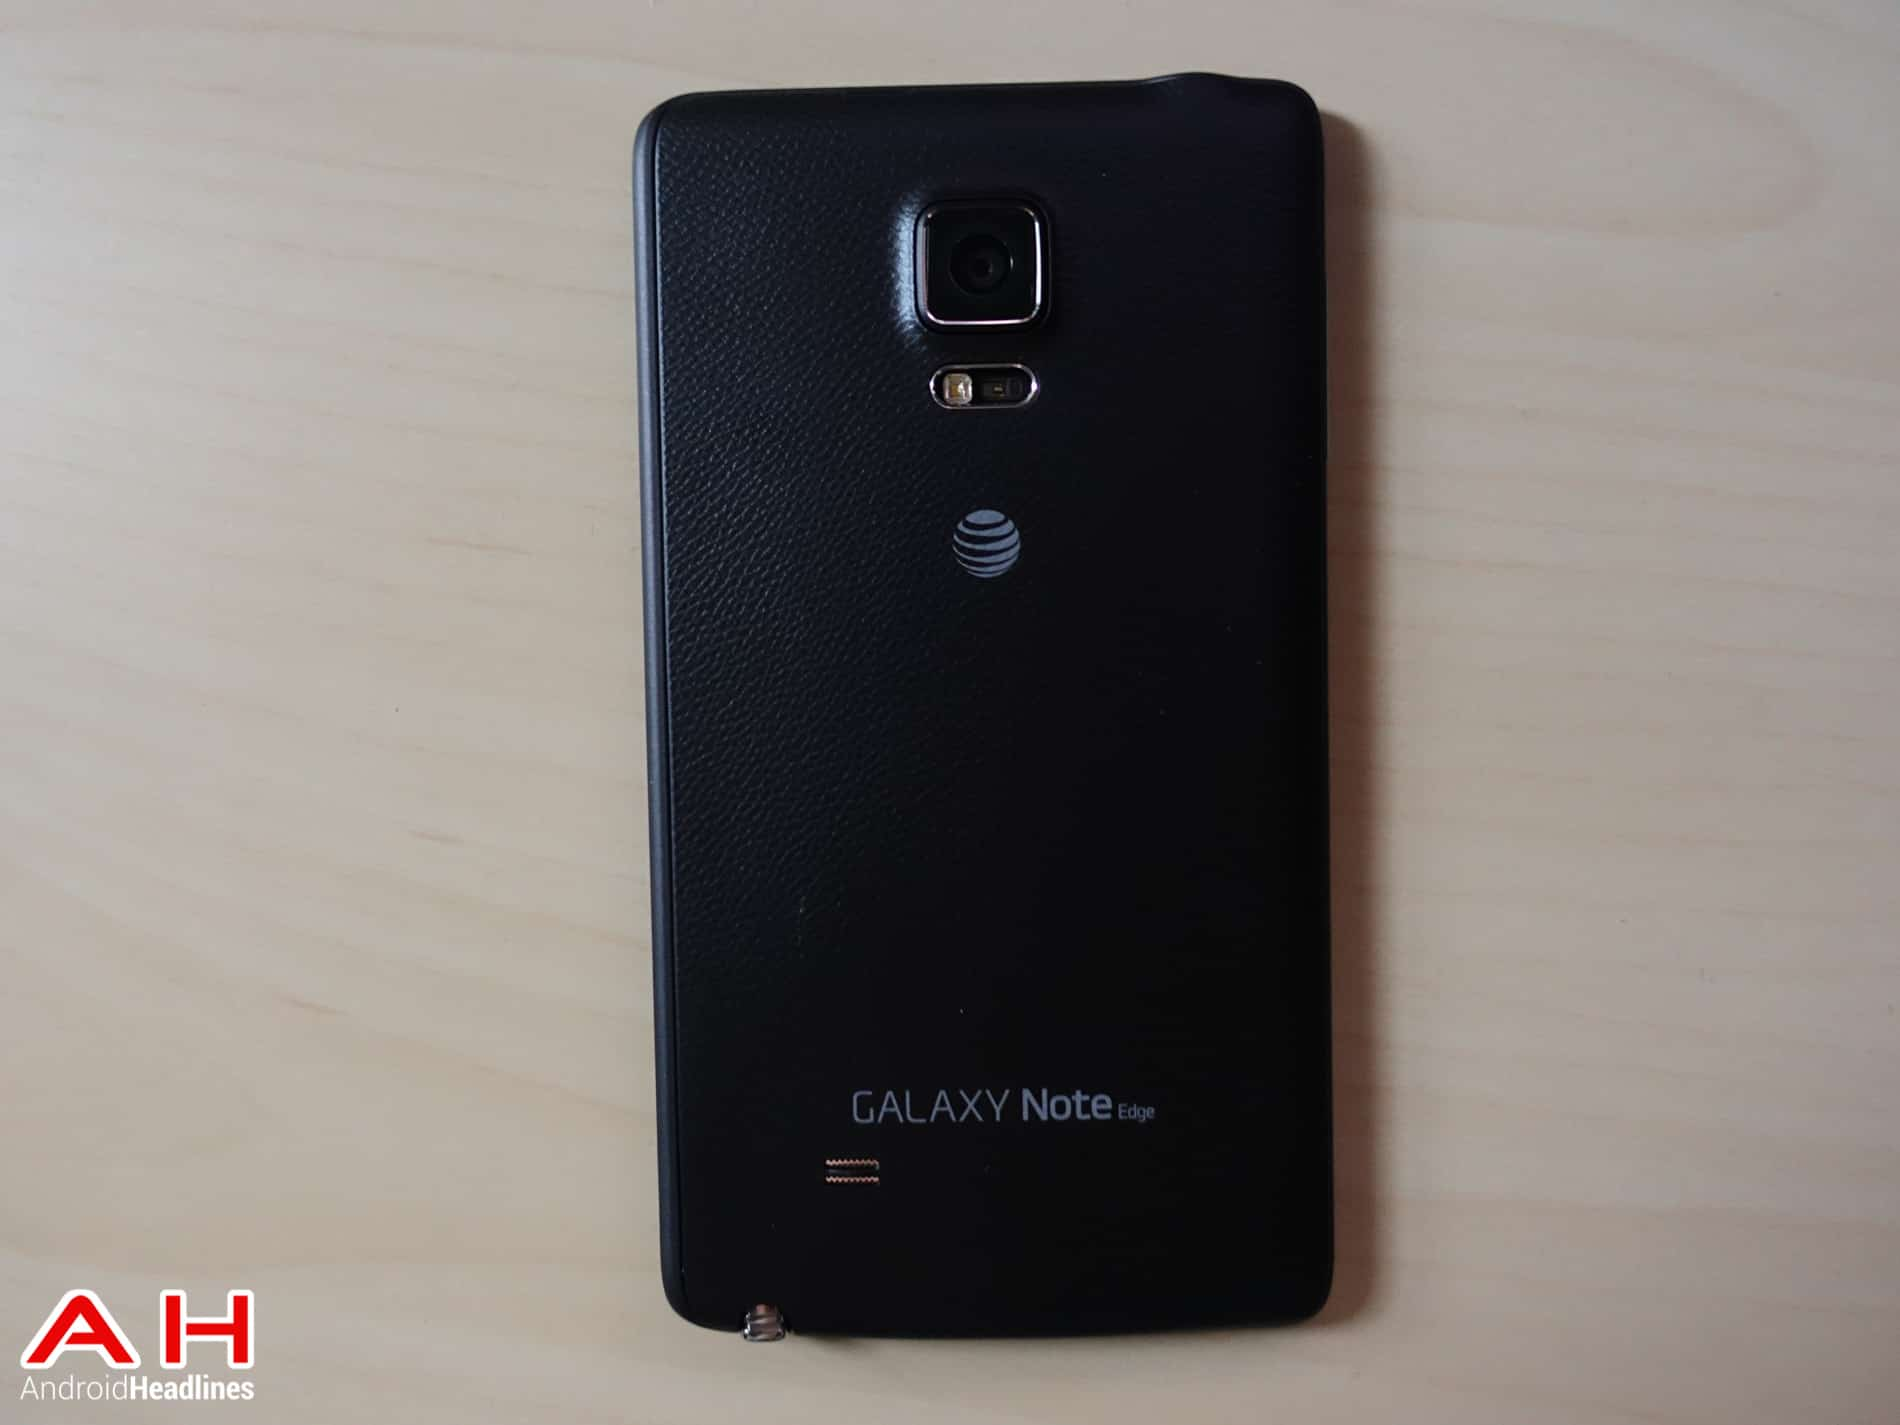 Samsung-Galaxy-Note-Edge-AH-7